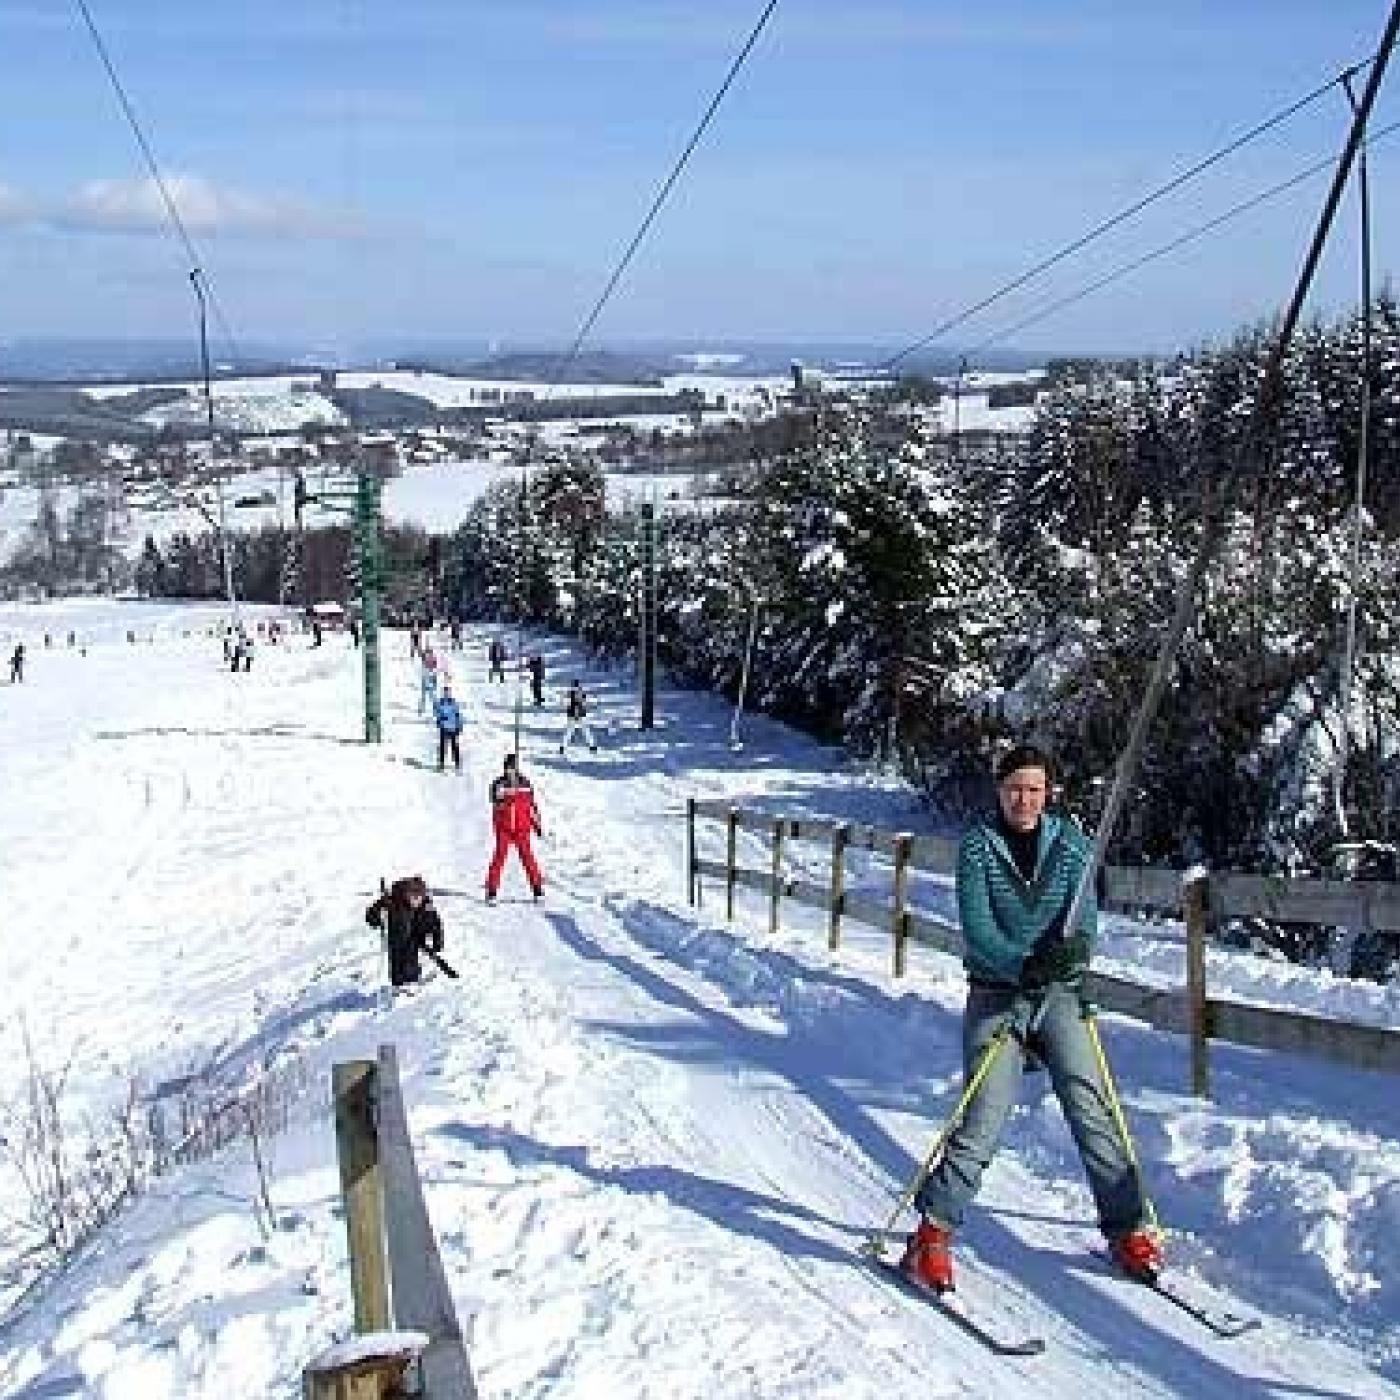 Interdit de skier dans le plat pays, raconté par Thomas en Belgique - 22 12 2020 - StereoChic Radio